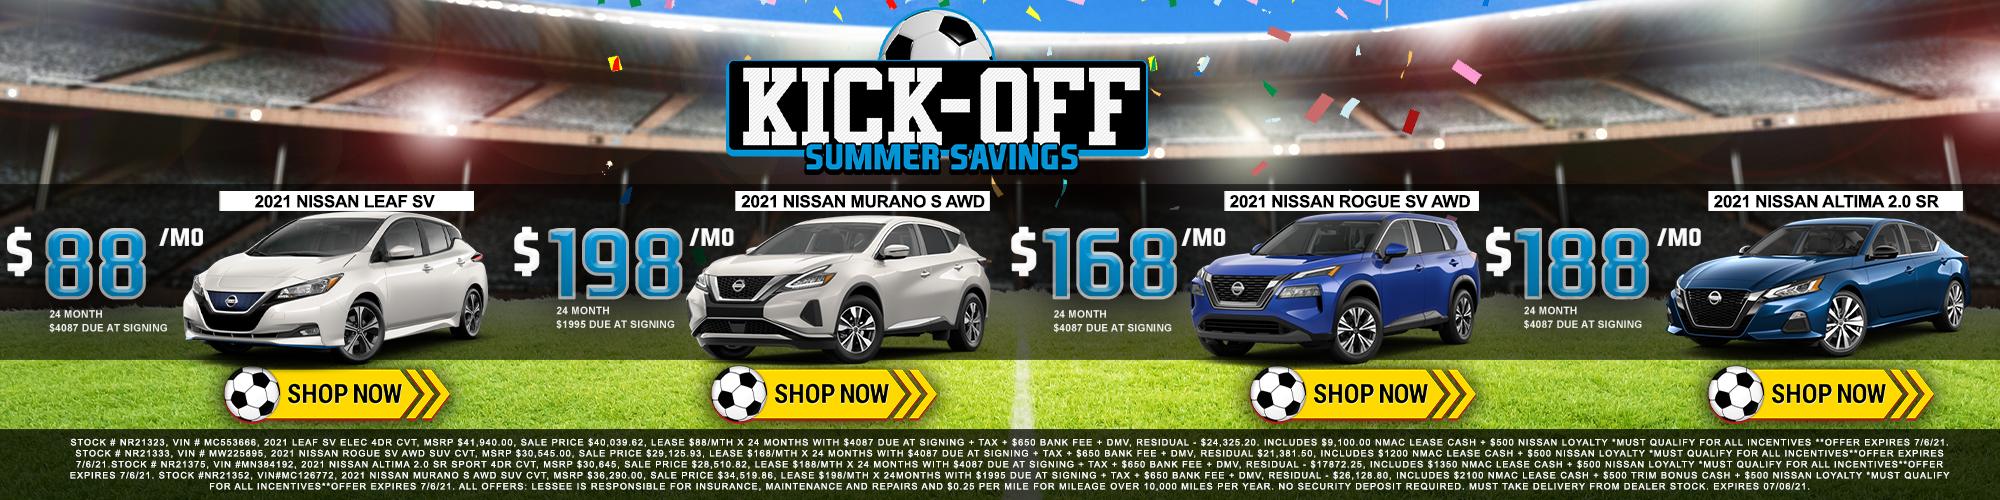 Nnr Soccer Line Up